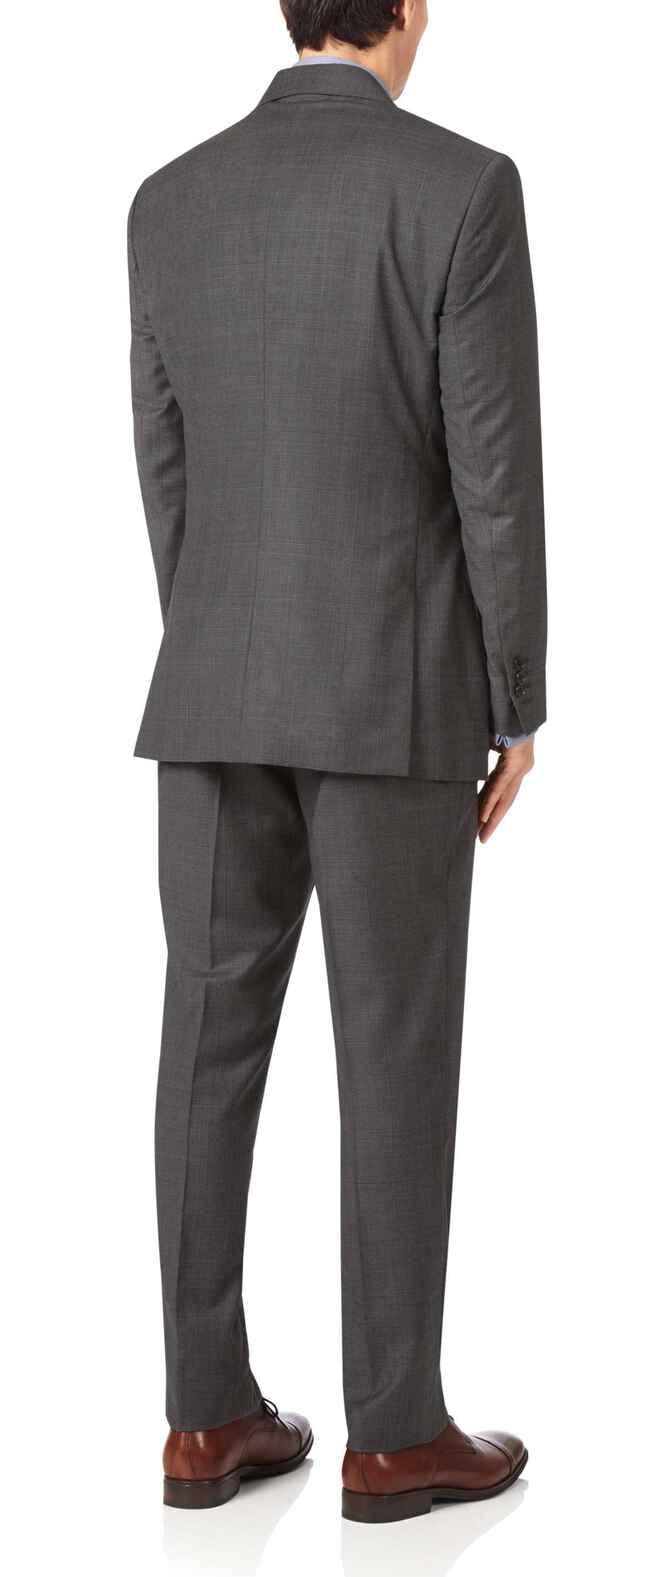 Costume grise en luxueux tissu italien slim fit à carreaux